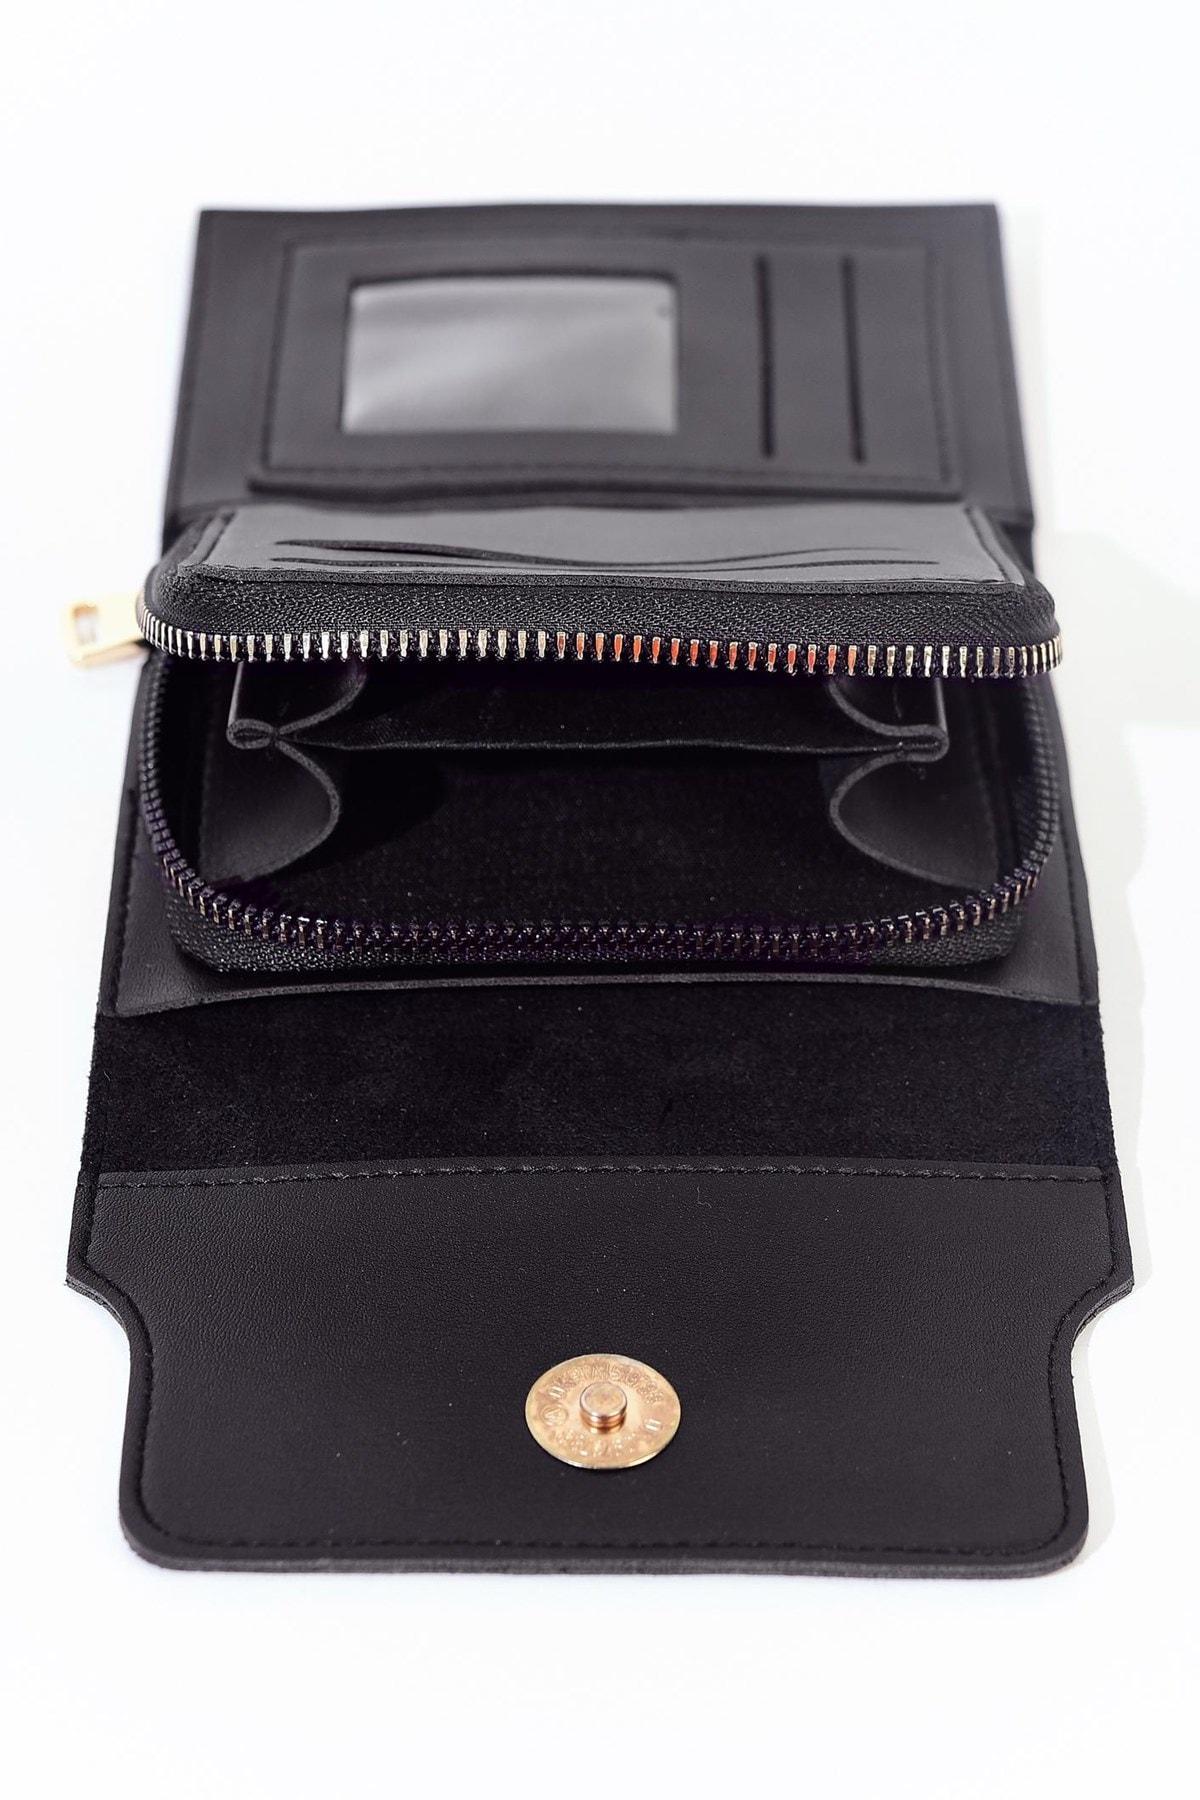 Addax Kadın Siyah Cüzdan Czdn50- A9 ADX-0000019582 2